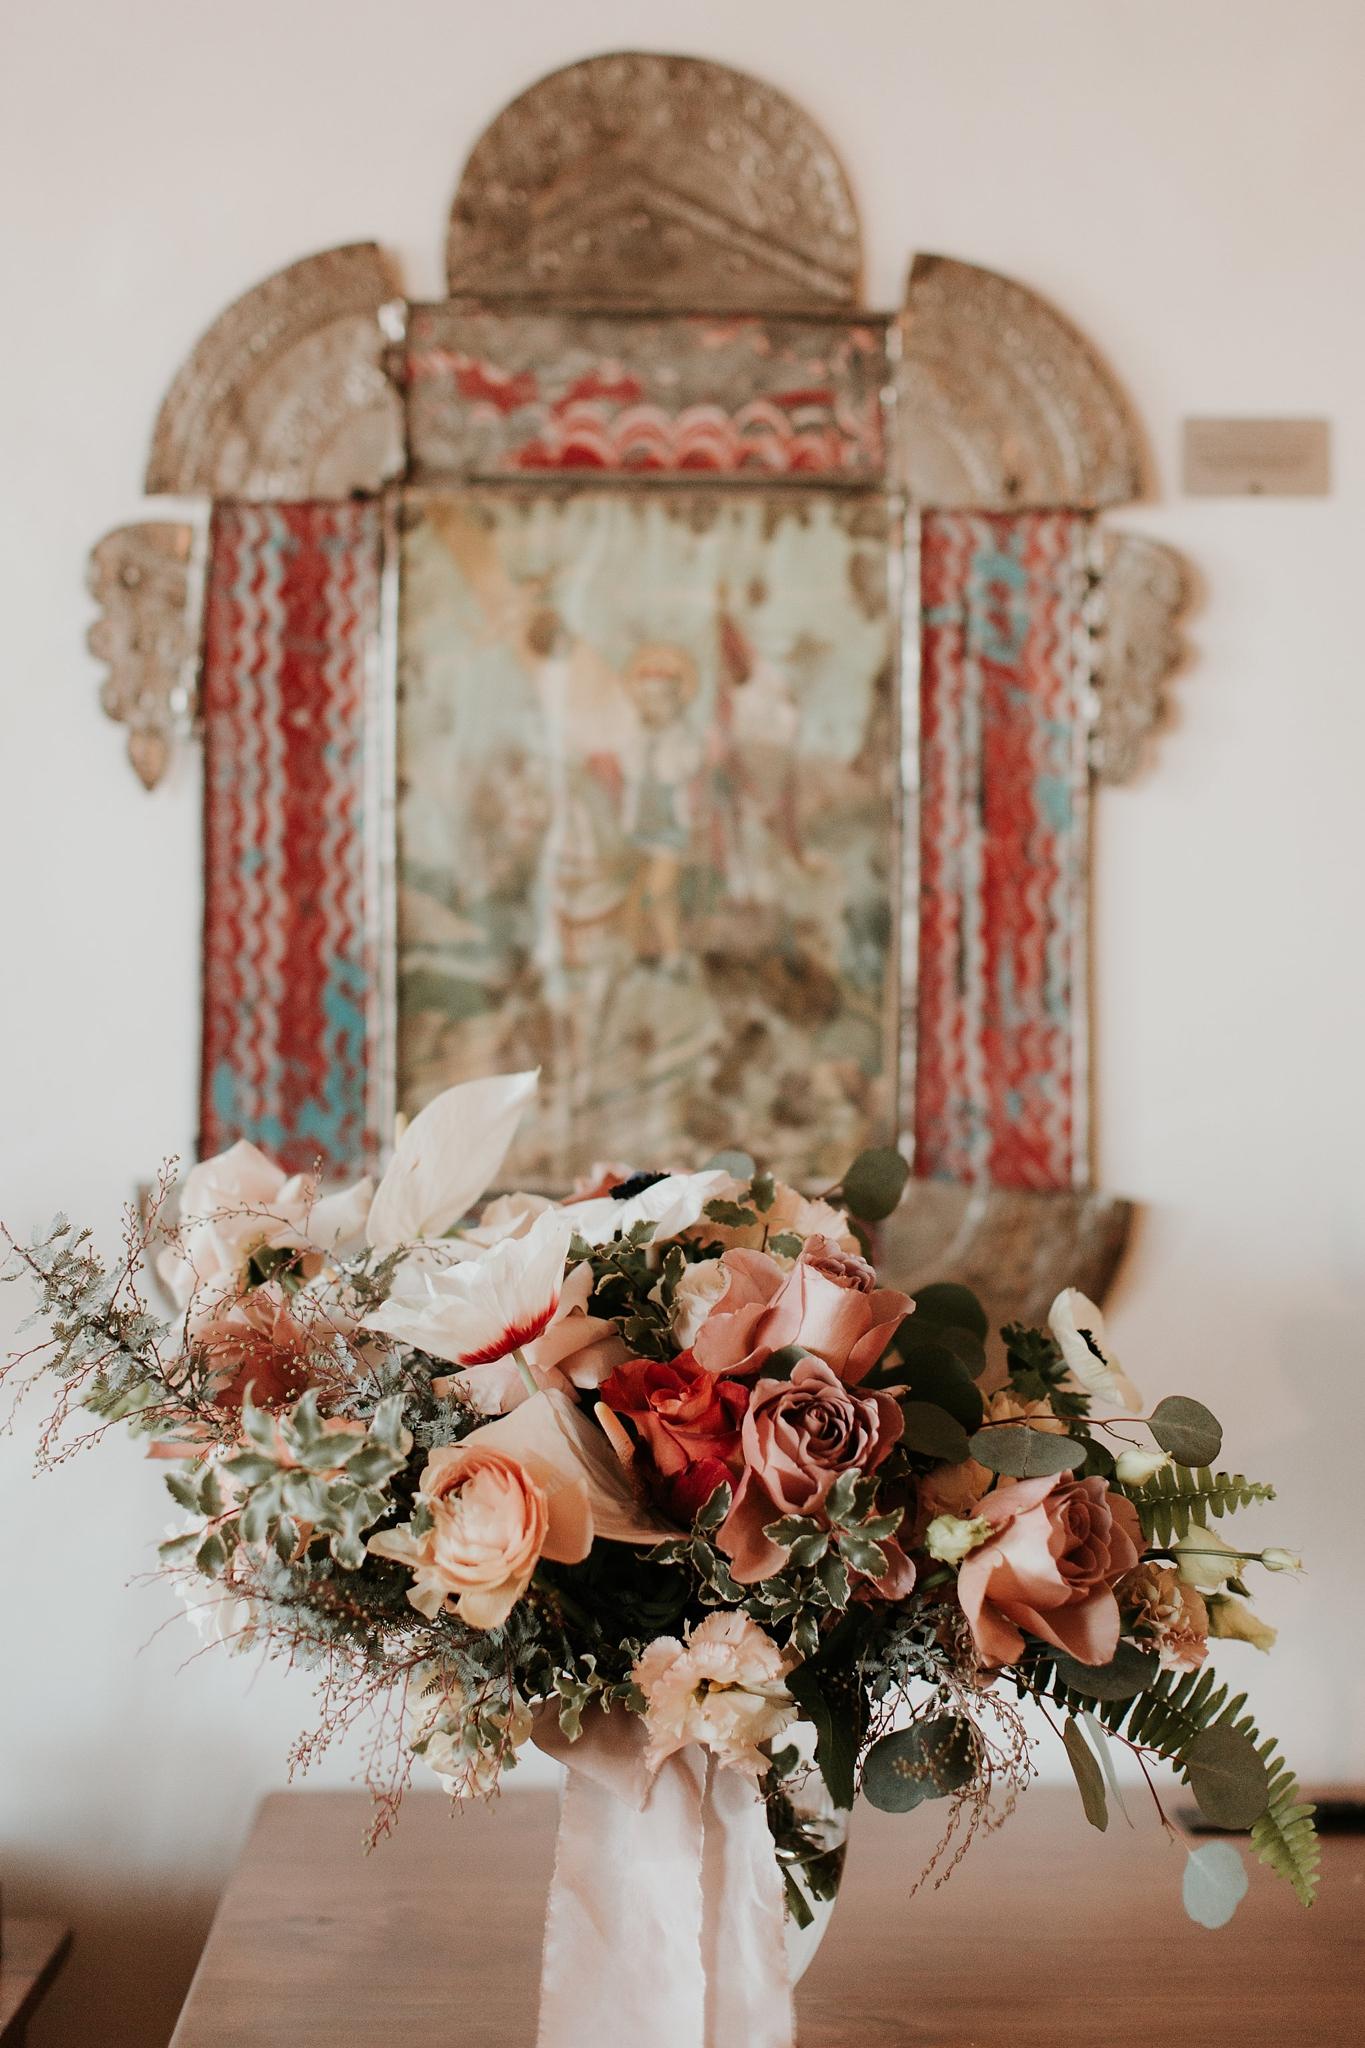 Alicia+lucia+photography+-+albuquerque+wedding+photographer+-+santa+fe+wedding+photography+-+new+mexico+wedding+photographer+-+new+mexico+florist+-+wedding+florist+-+renegade+floral_0057.jpg